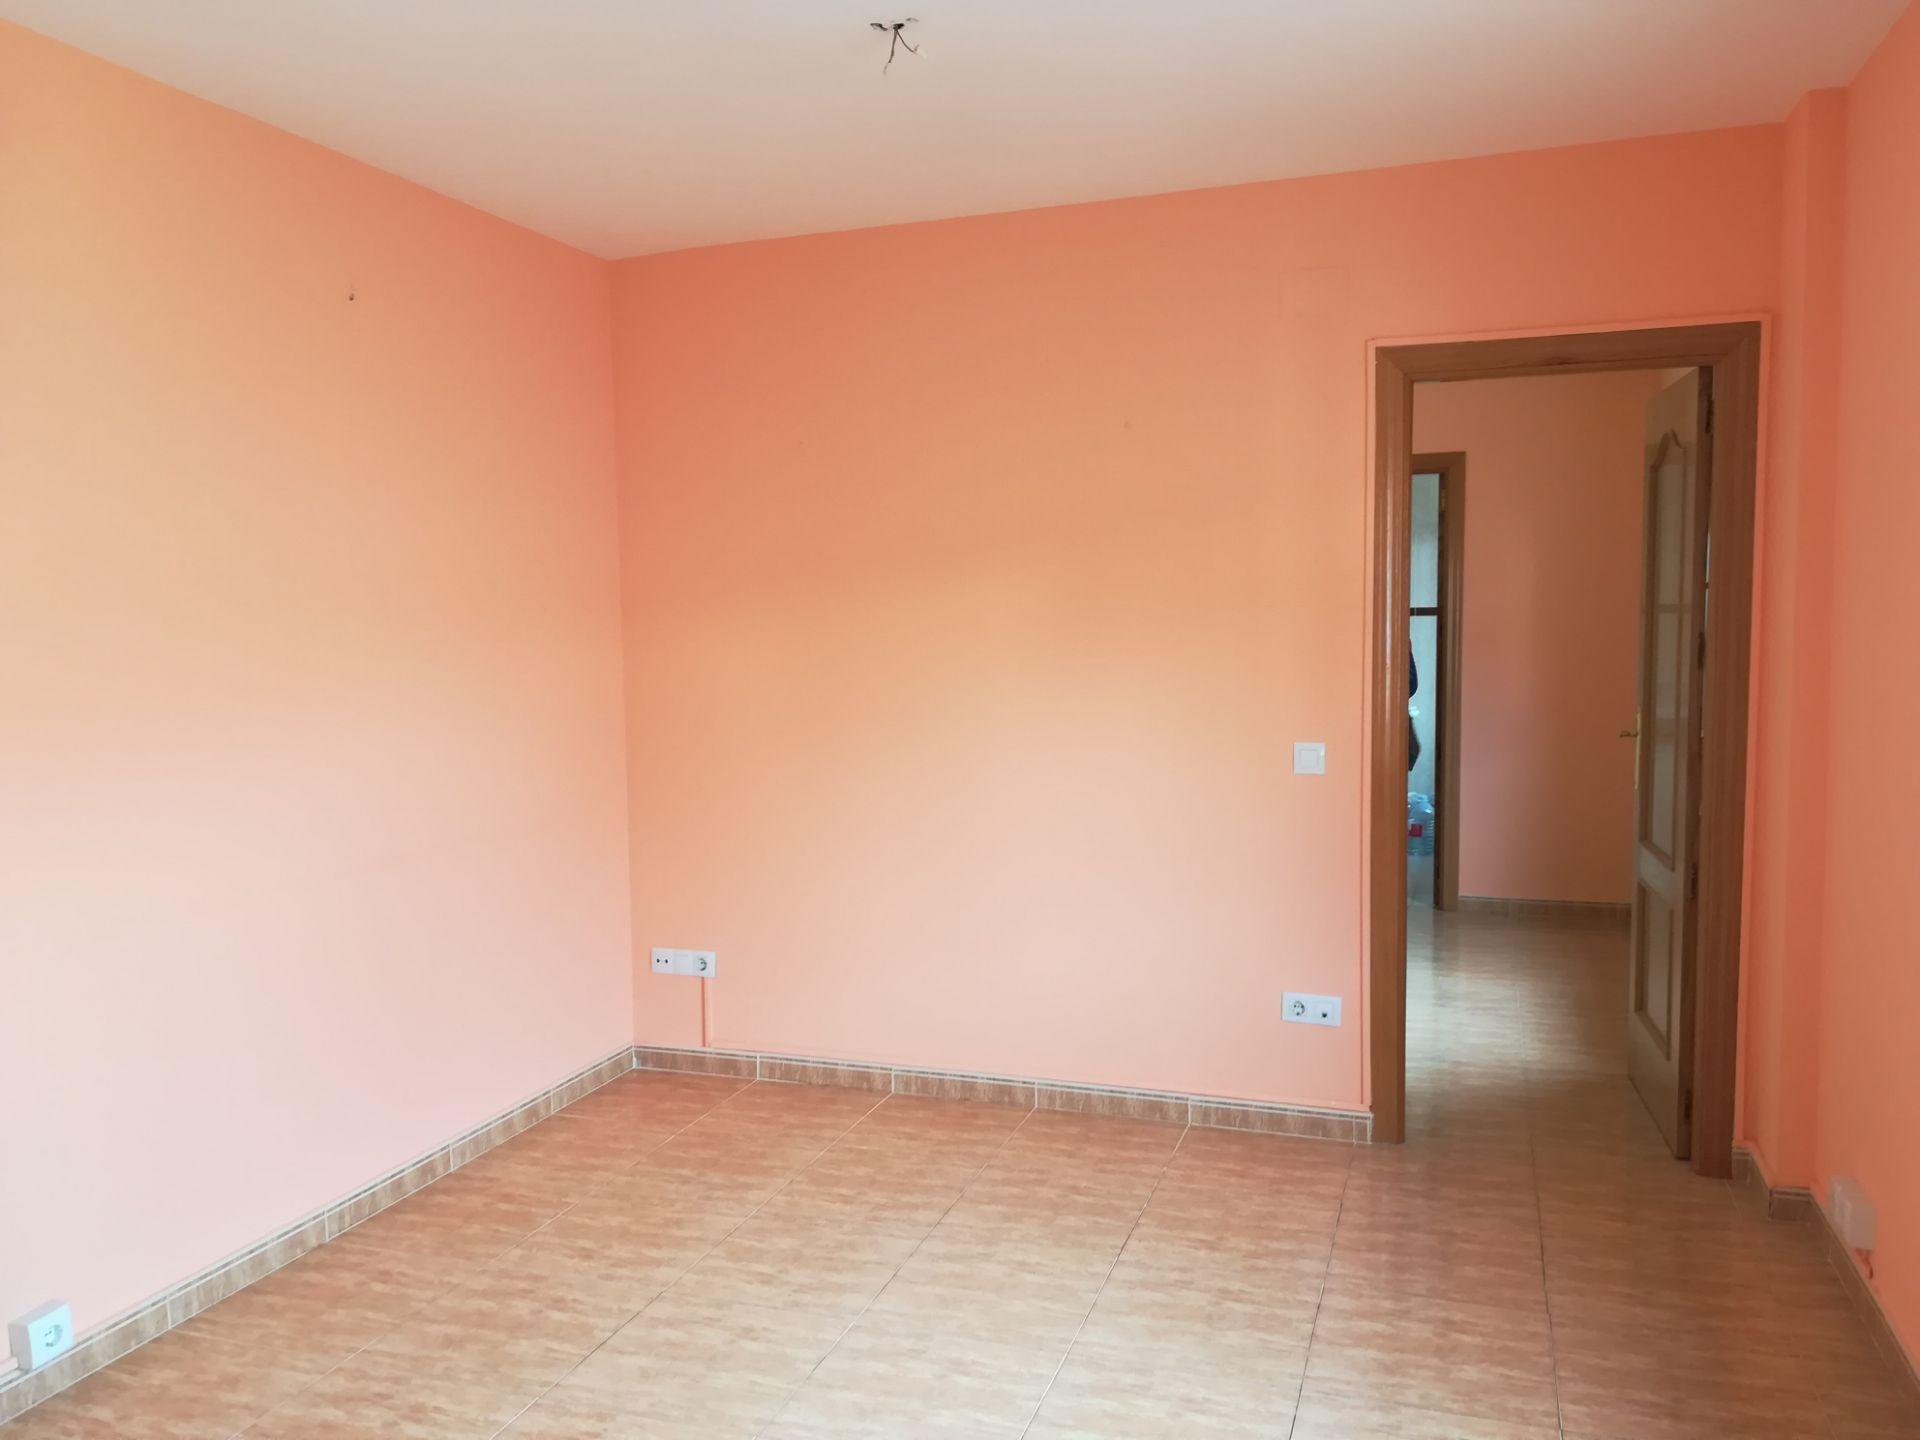 Apartamento en Valdepeñas, Zona Centro, venta